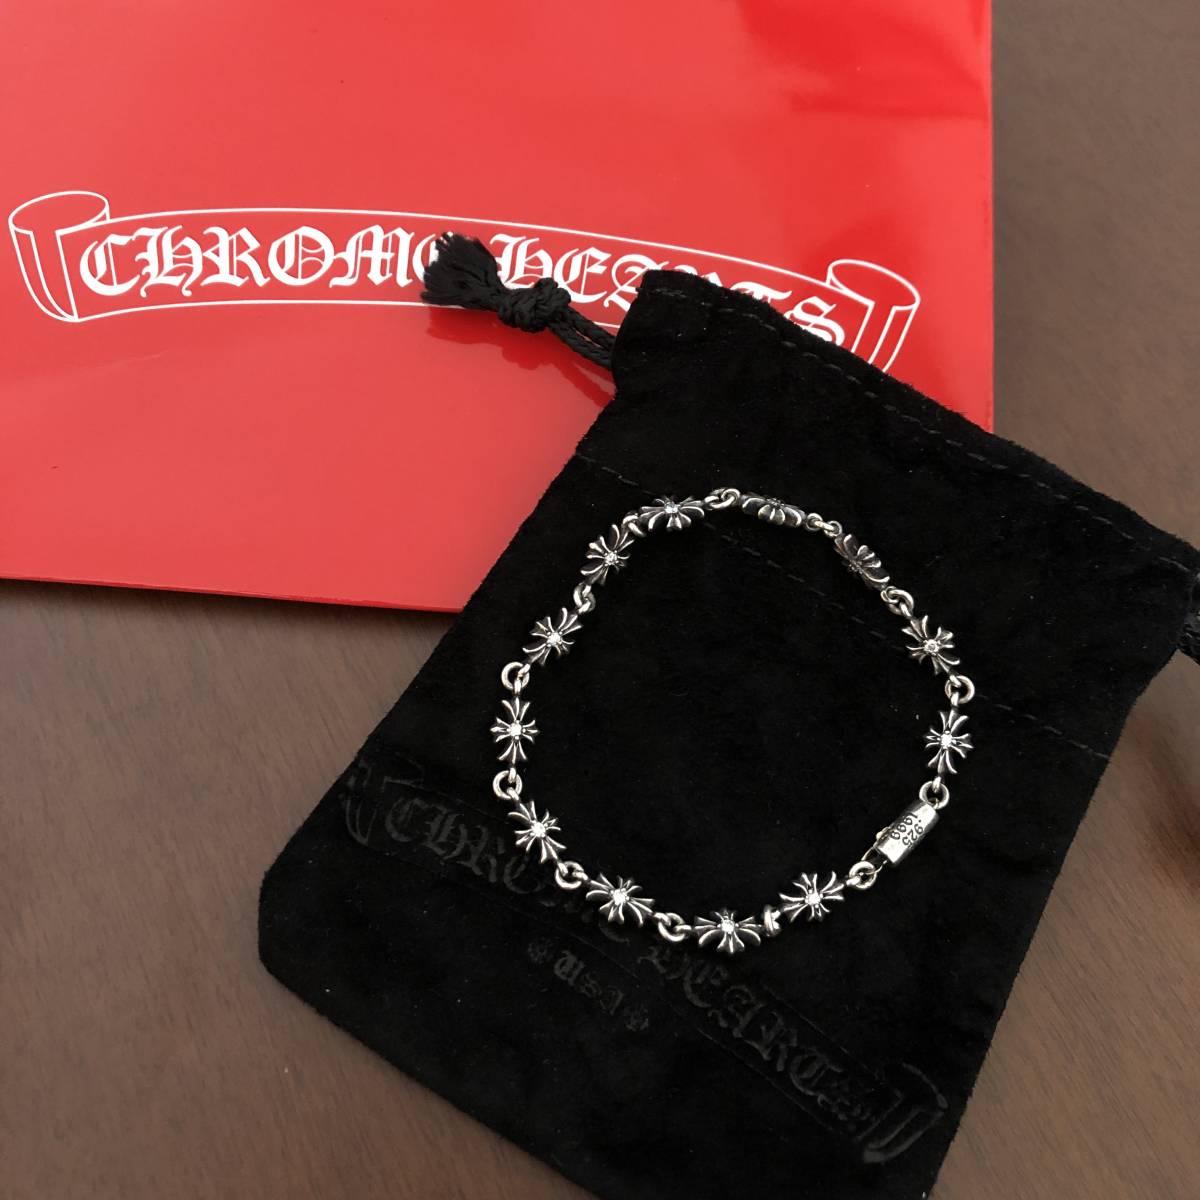 ◆入手困難◆新品◆クロムハーツ CHROME HEARTS クロス ダイヤモンド SV925 ブレスレット タイニー 希少 メンズ シルバーアクセ_画像1